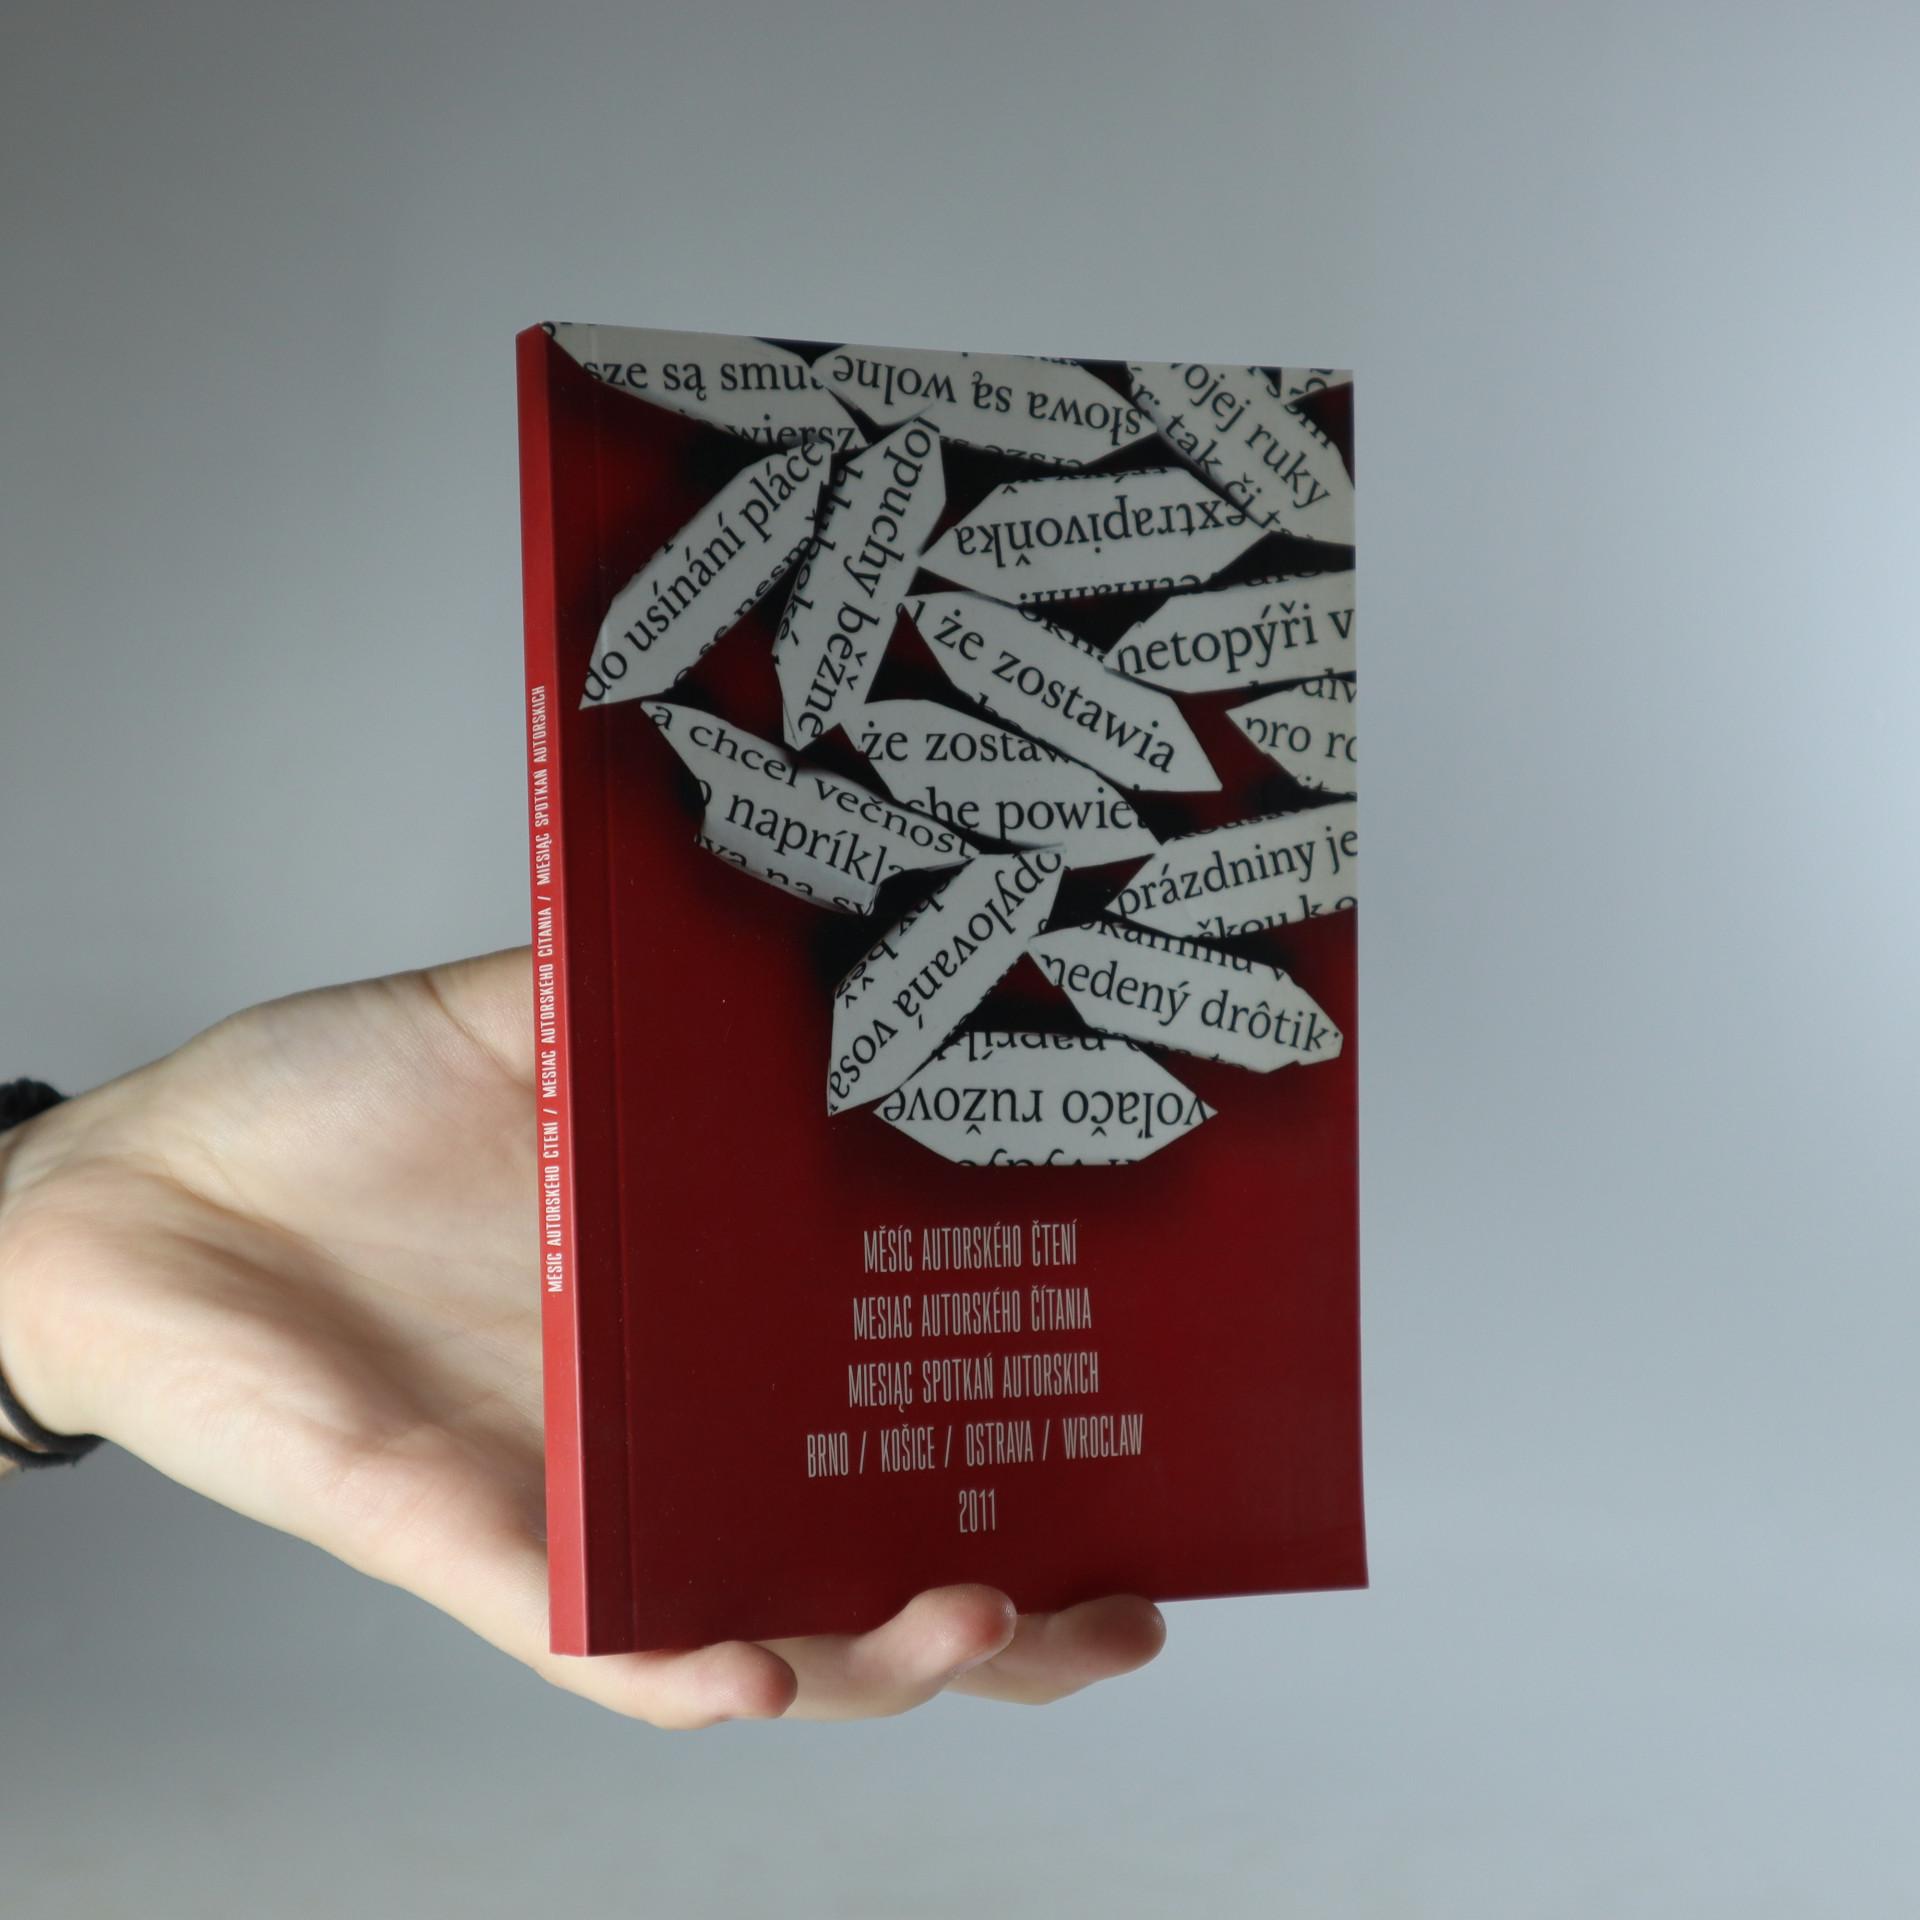 antikvární kniha Měsíc autorského čtení 2011, 2011